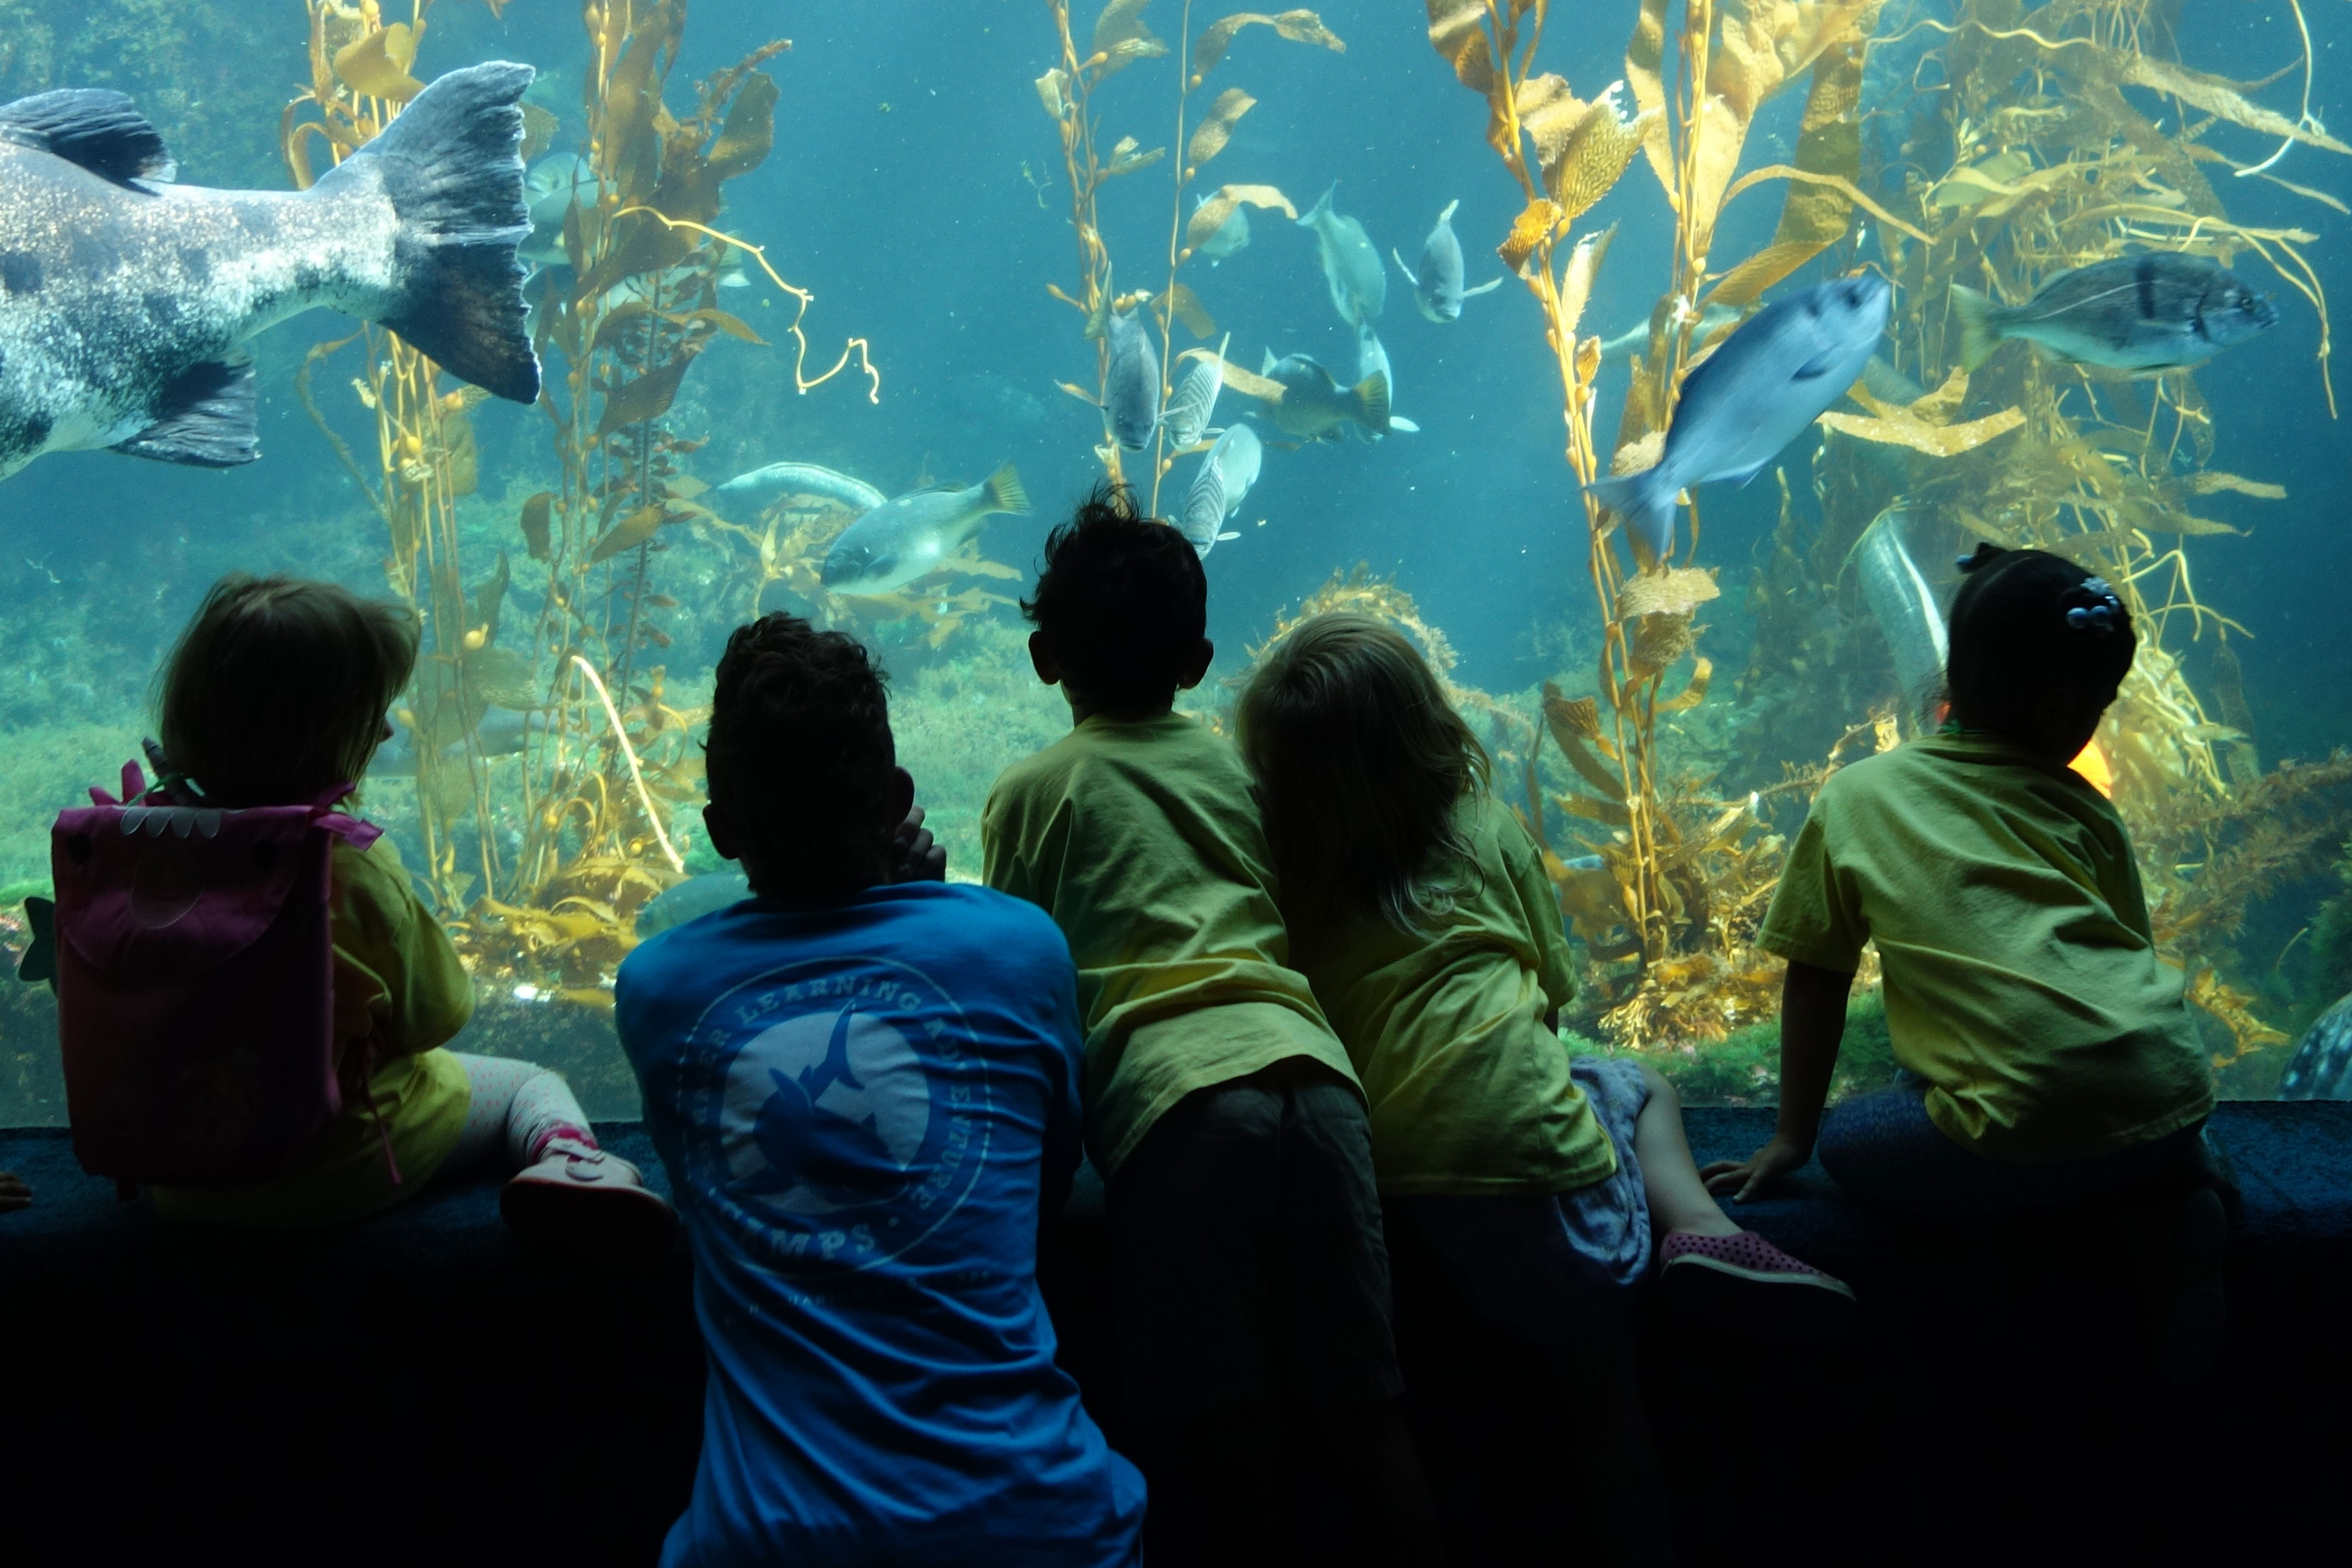 Children 39 S Birthday Parties Birch Aquarium At Scripps